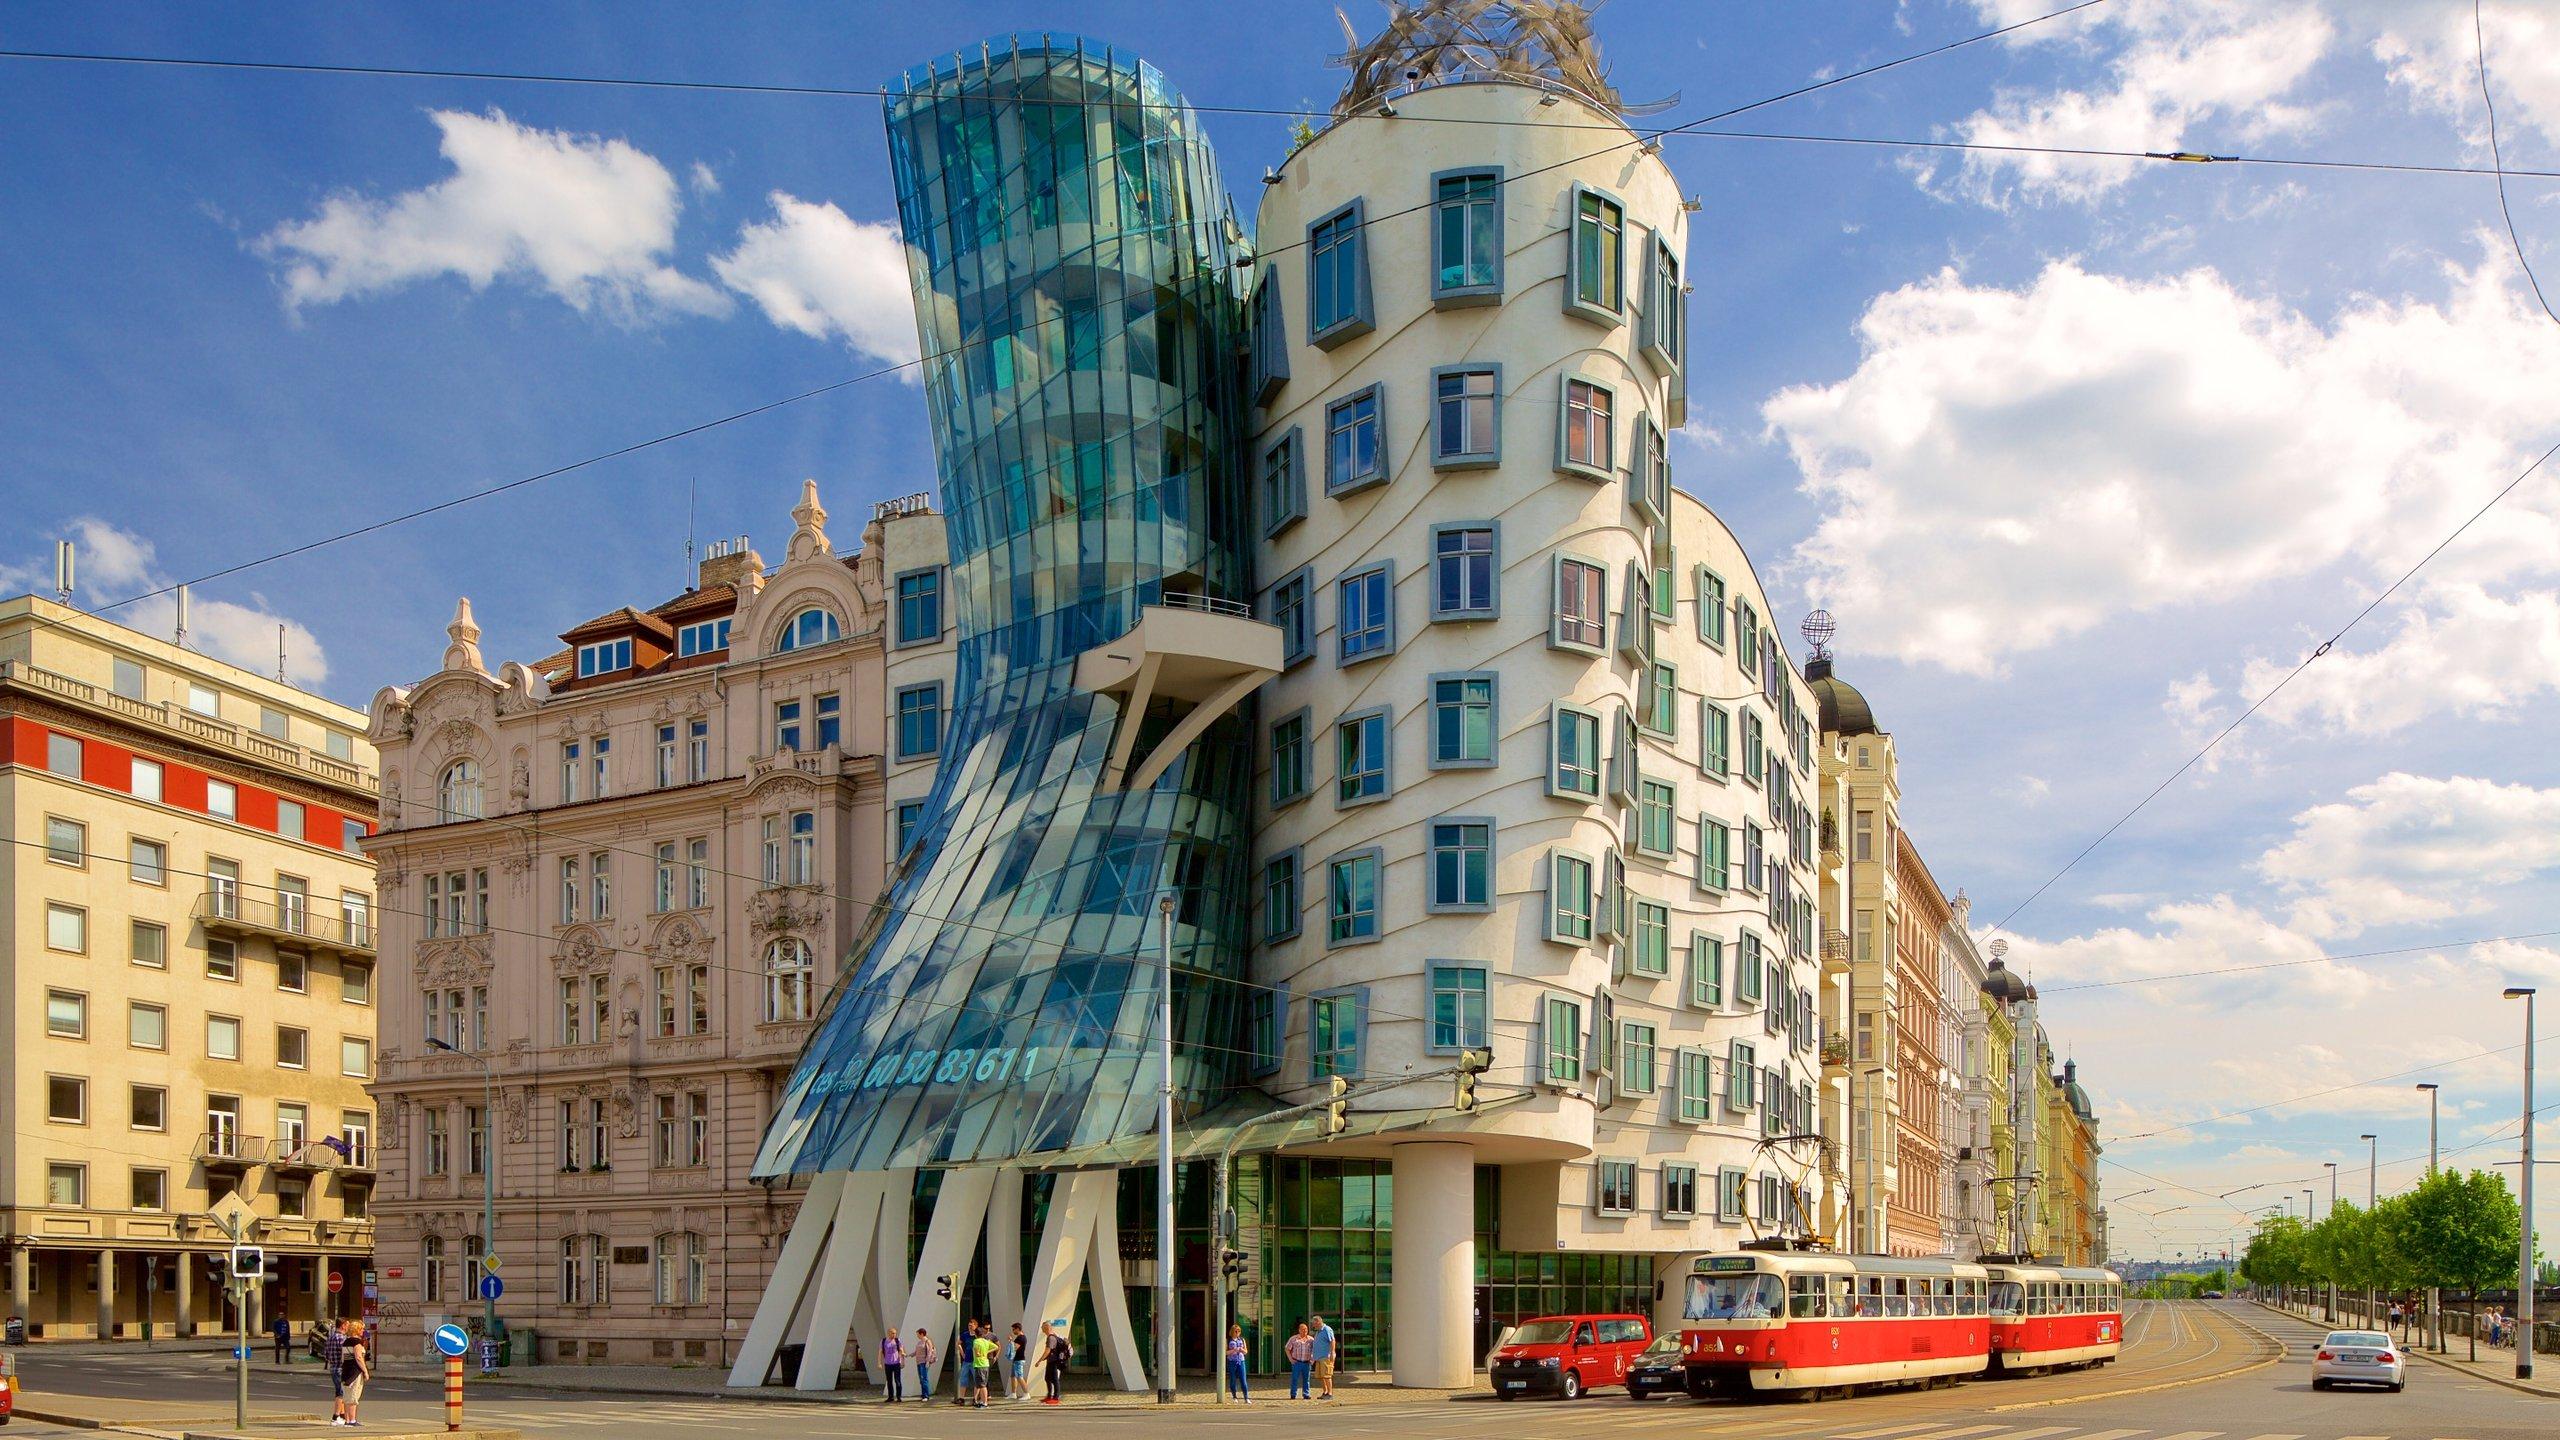 內有酒吧和餐廳,這座極富現代感的大廈從布拉格的一眾傳統建築中突圍而出。